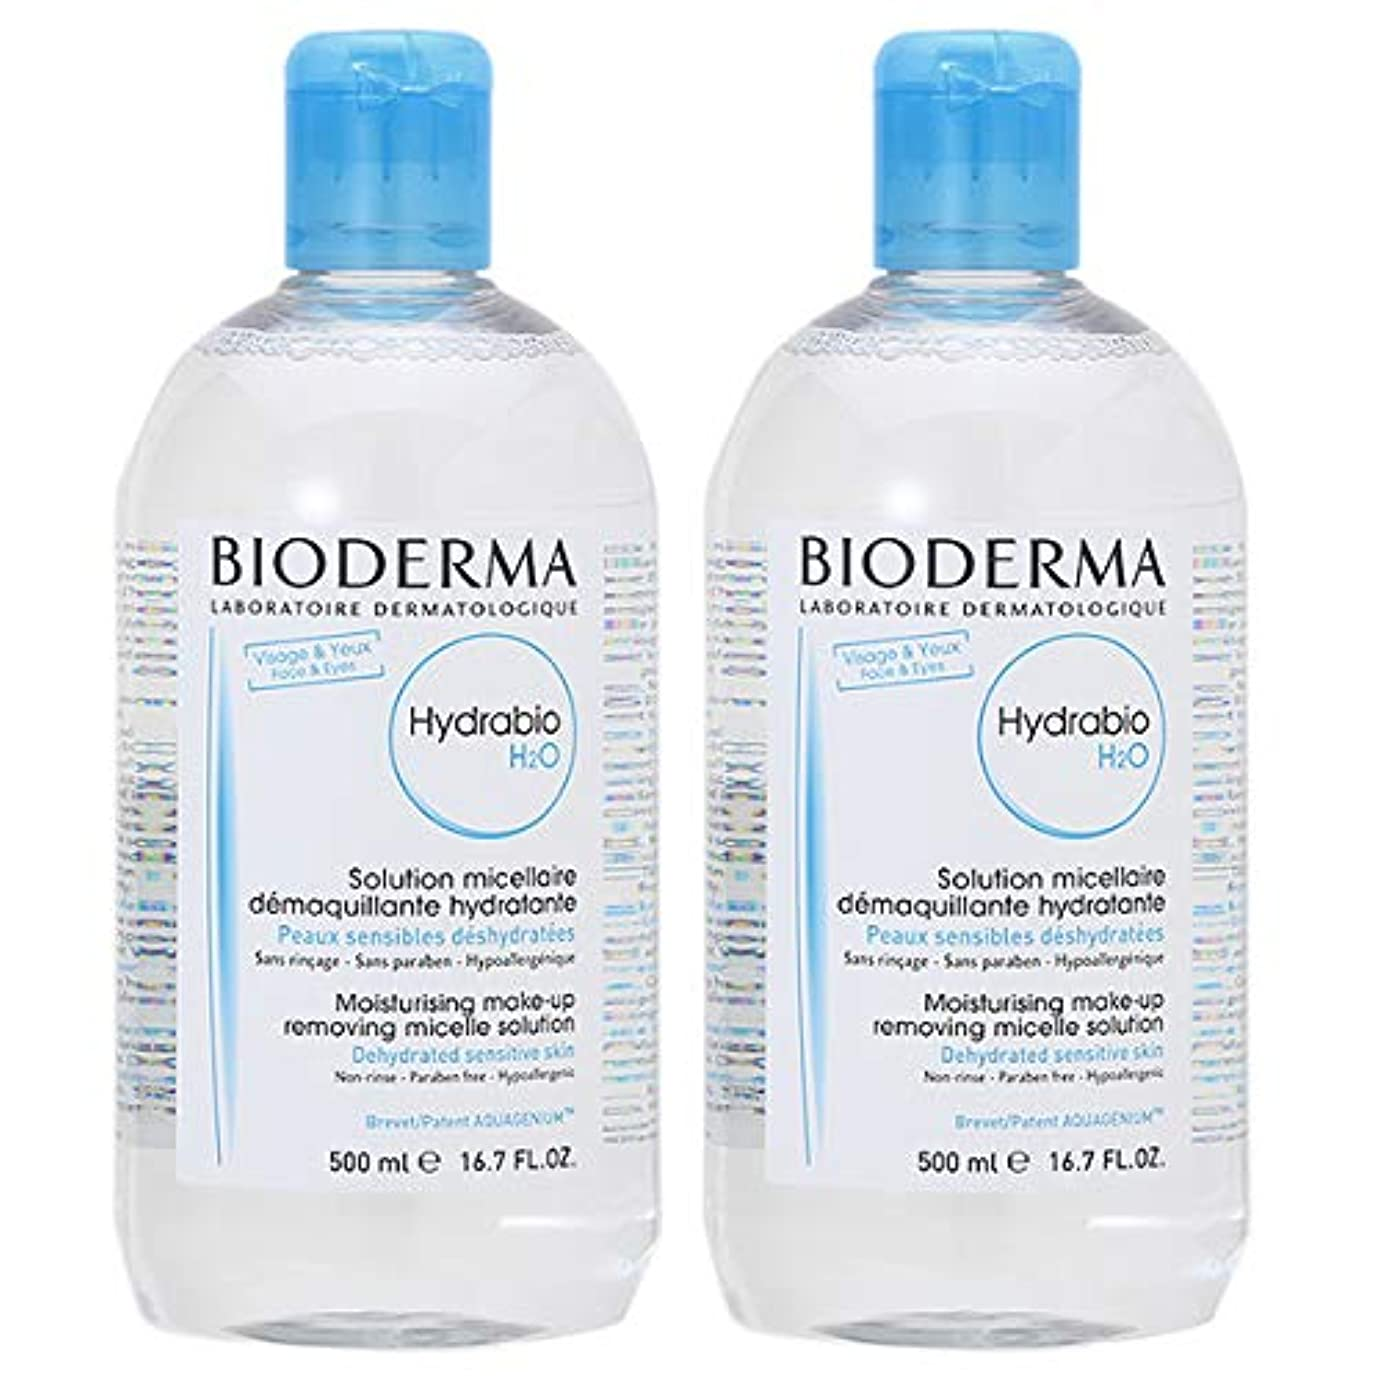 【セット】ビオデルマ BIODERMA イドラビオ H2O 500mL 2個セット [並行輸入品]